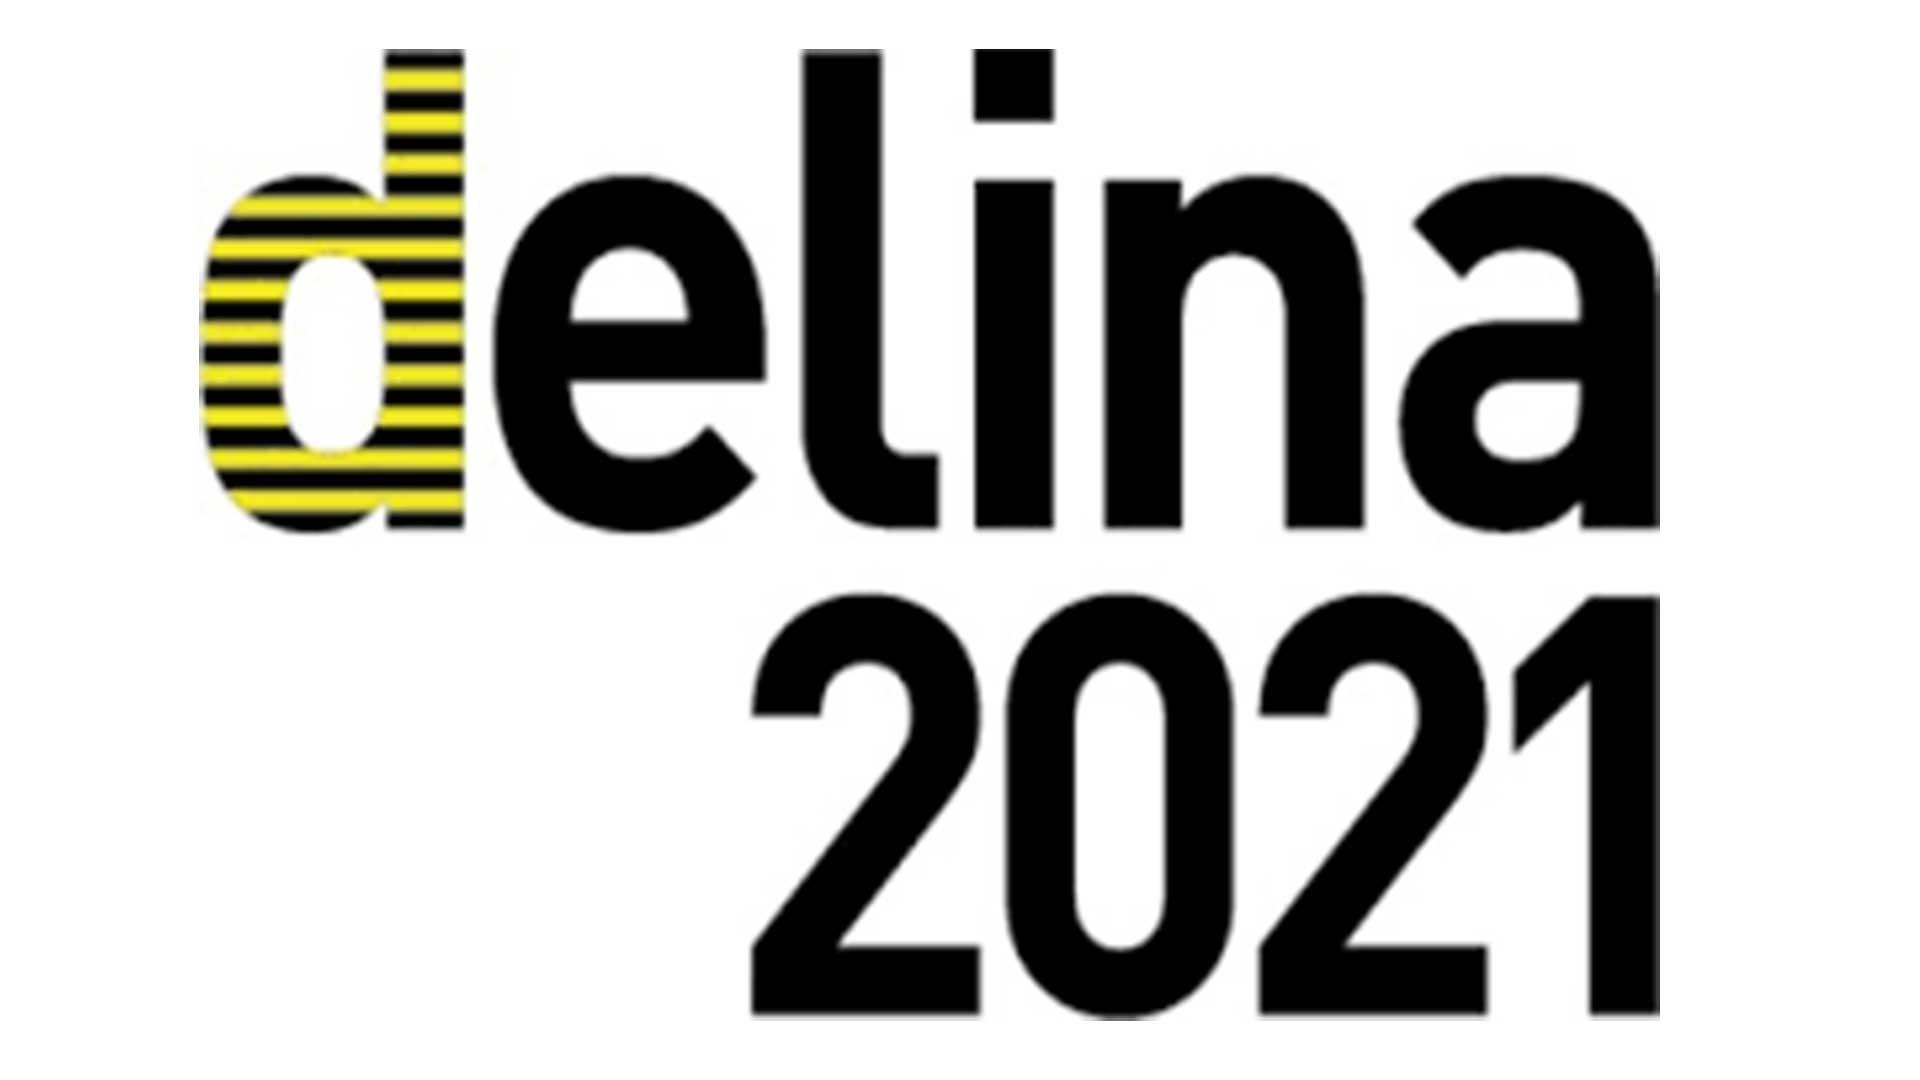 expdition d mit dem delina award 2021 für digitale Bildung ausgezeichnet